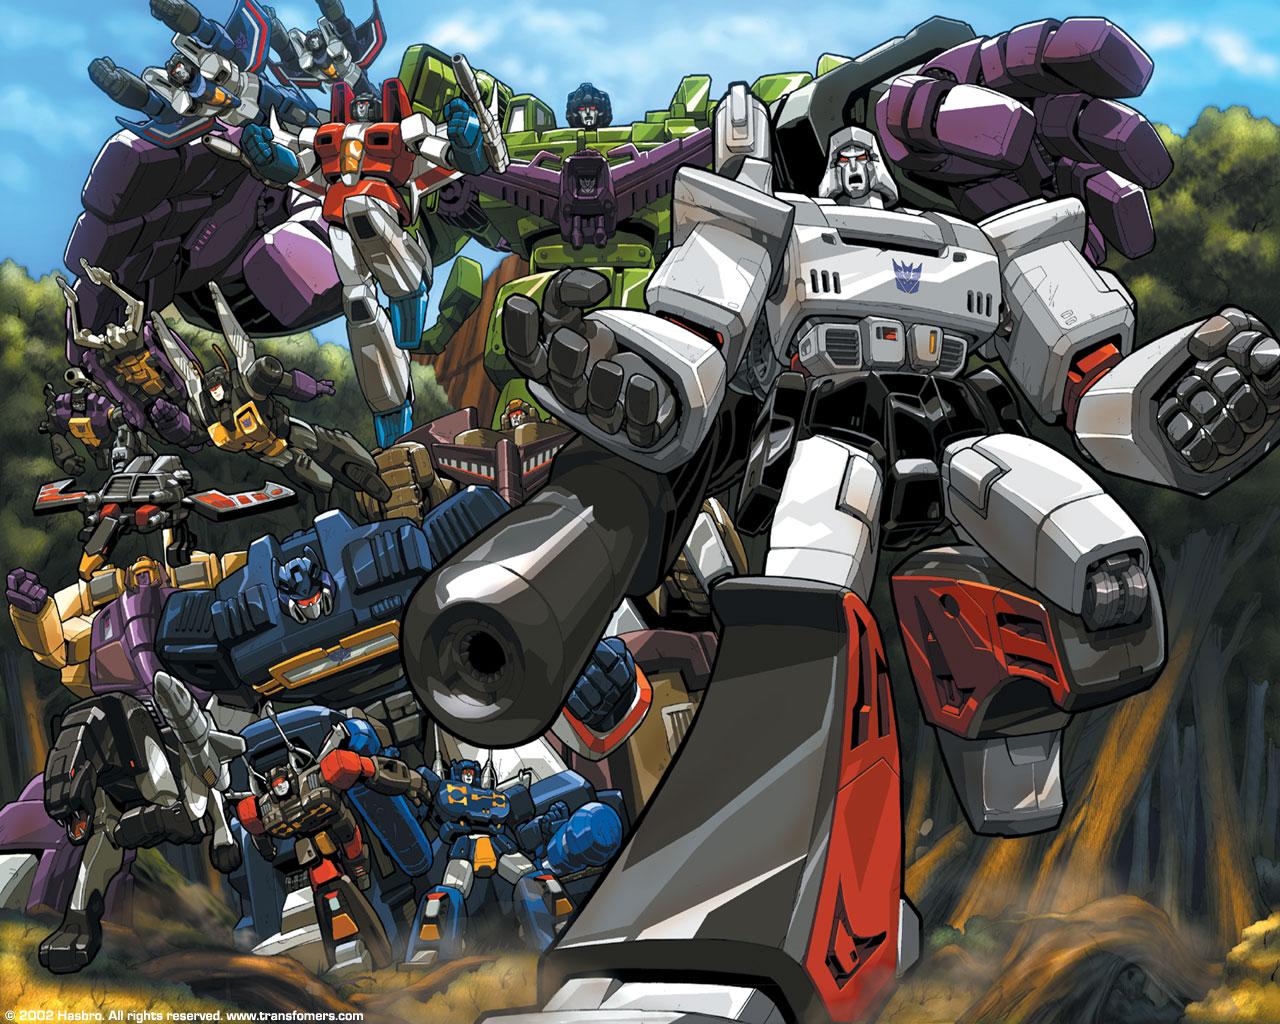 Transformers g1 en camino a la app store